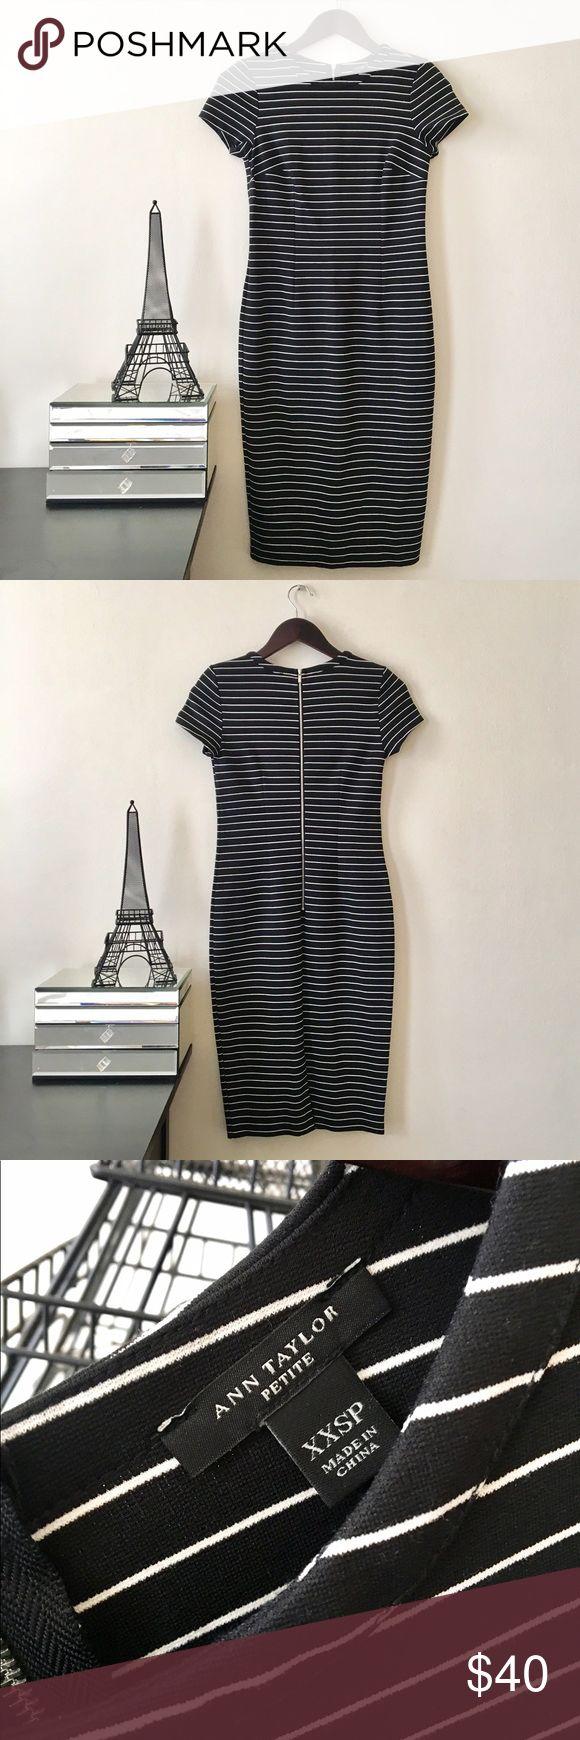 Ann Taylor Striped Midi Length Dress NWOT Ann Taylor Striped Midi Length Dress. Silver zipper closure in back. Never worn. Size XXS Petite Ann Taylor Dresses Midi